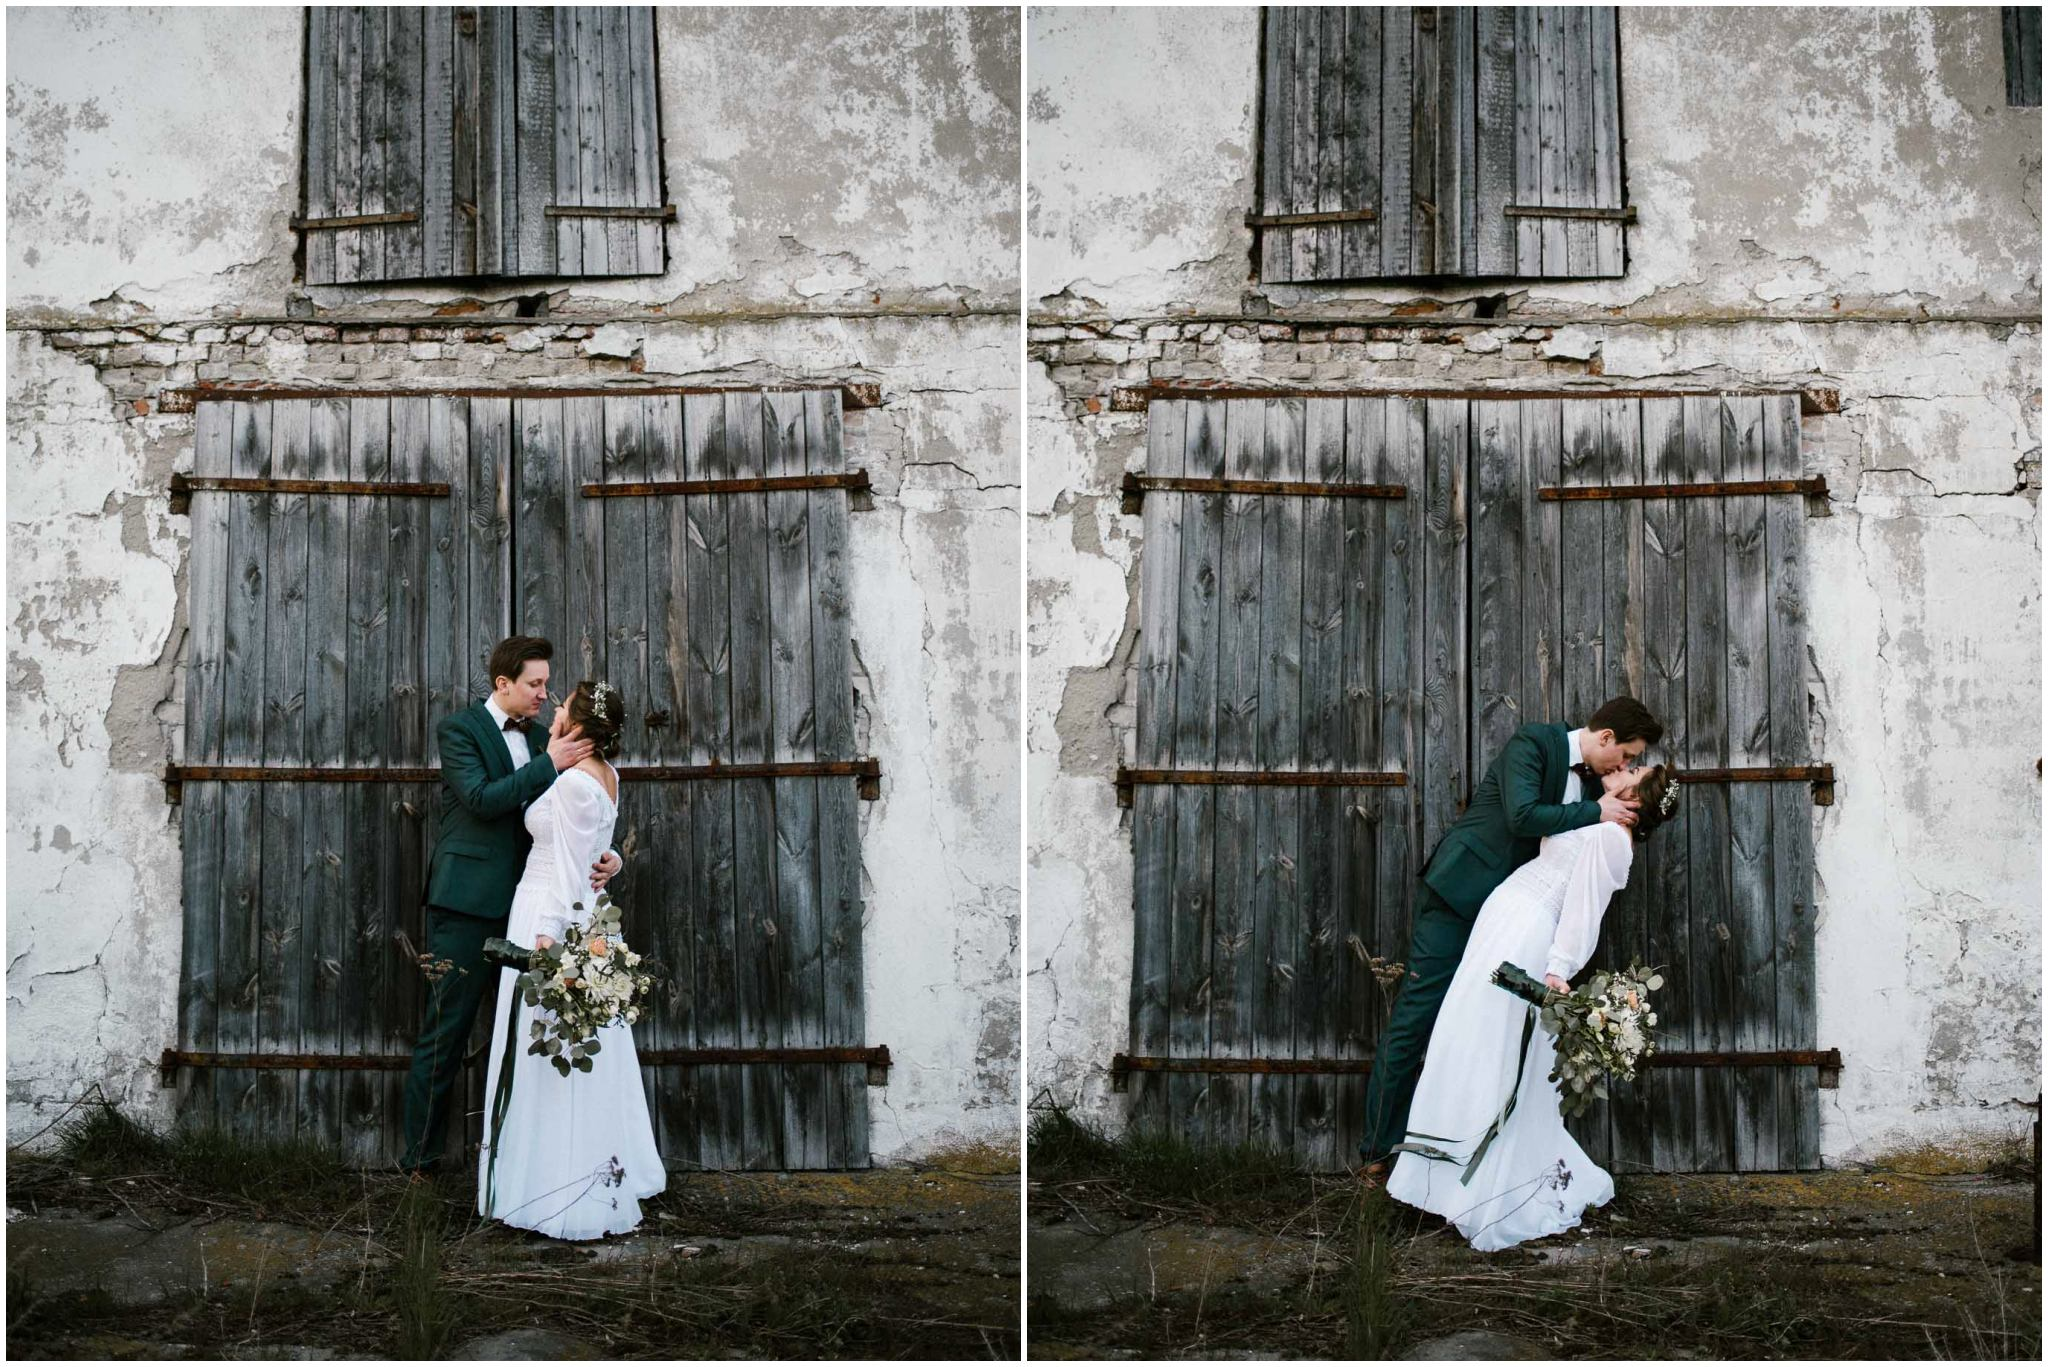 Ślubna sesja plenerowa przed starymi drzwiami - sesja ślubna reportaż Żuczki Inowrocław